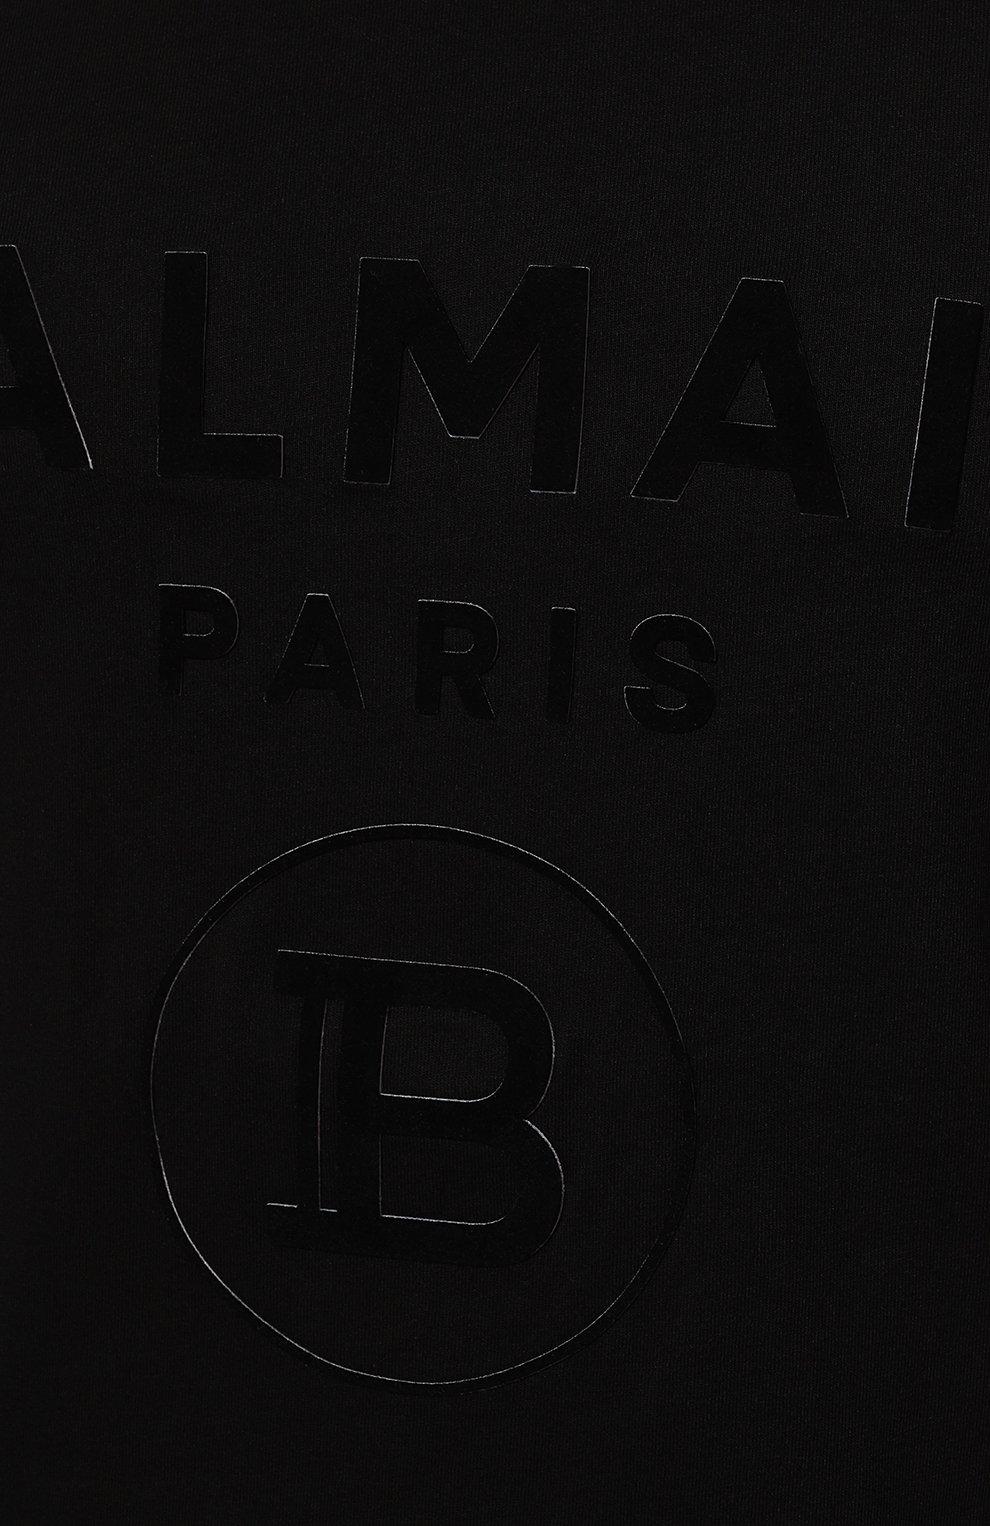 Мужская хлопковая футболка BALMAIN черного цвета, арт. UH11601/I374 | Фото 5 (Рукава: Короткие; Длина (для топов): Стандартные; Принт: С принтом; Мужское Кросс-КТ: Футболка-одежда; Материал внешний: Хлопок; Стили: Кэжуэл)